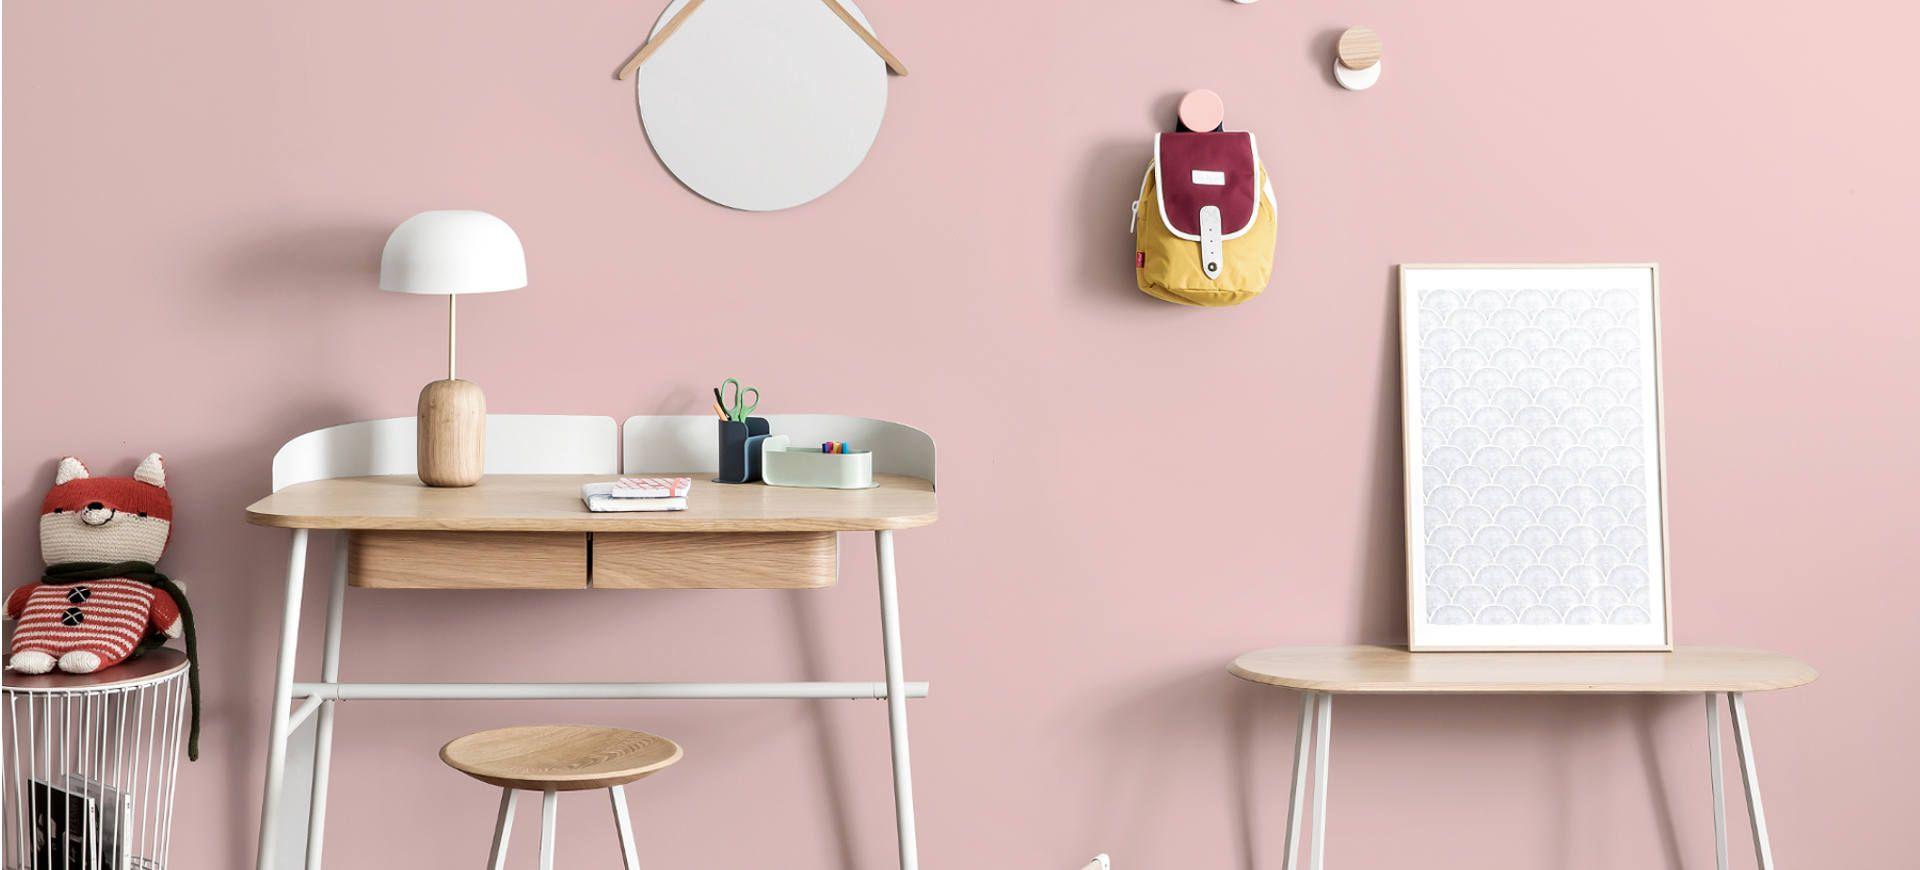 Kids Love Design Design Furniture Decoration For Baby Kids